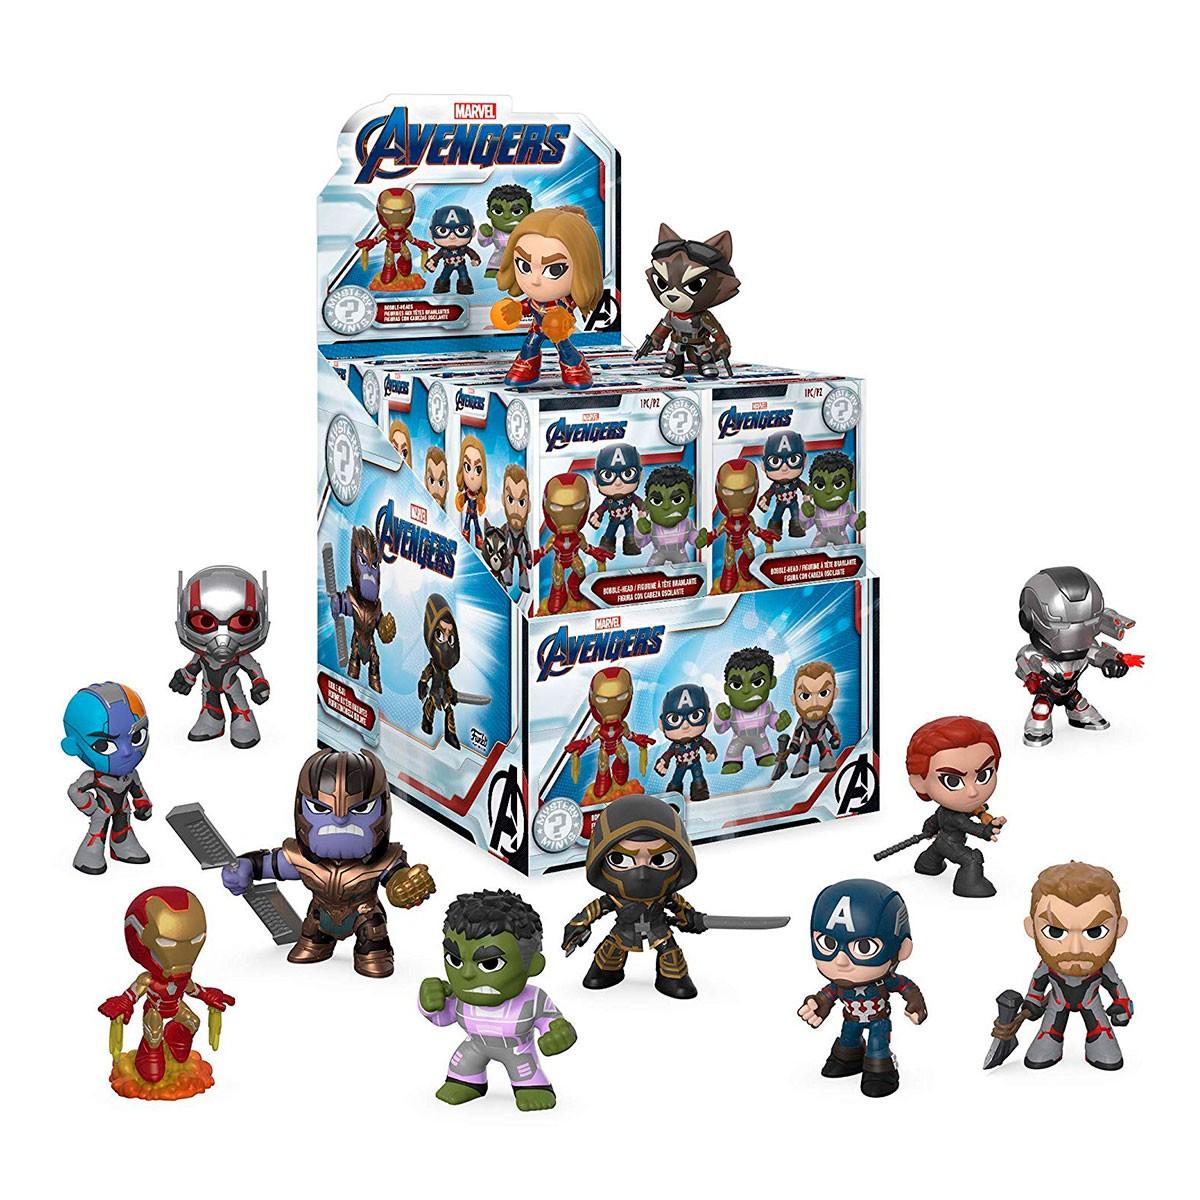 Купить Игровые фигурки, Игровая фигурка на клипсе Funko Mystery Minis Мстители: Завершение в ассортименте 7 см (37200), Вьетнам